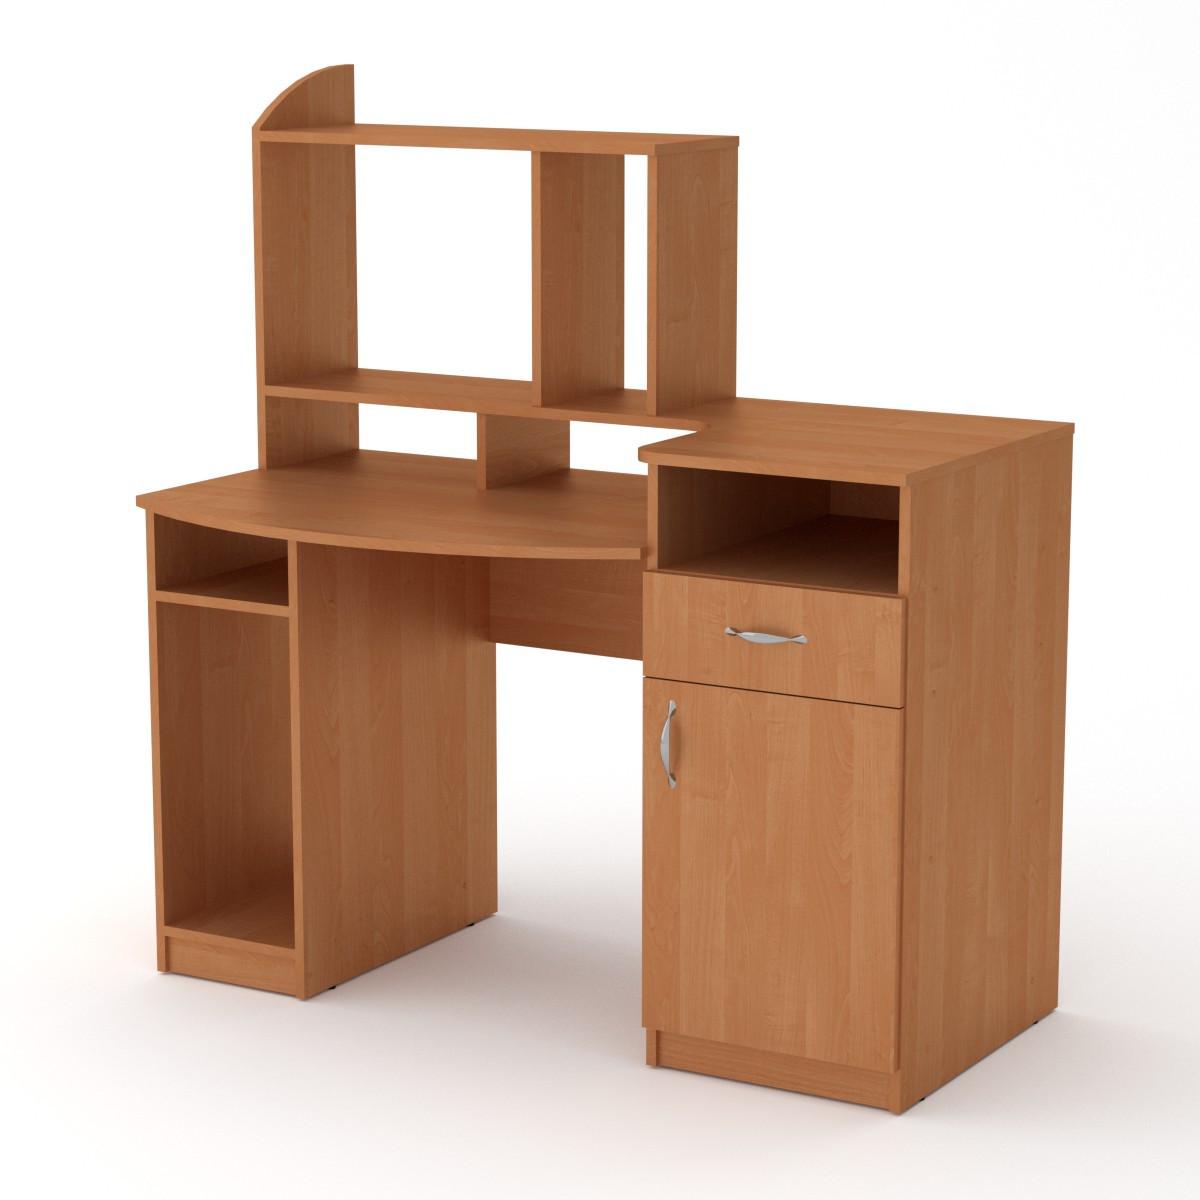 Стол компьютерный Комфорт-2 ольха Компанит (129х70х139 см)